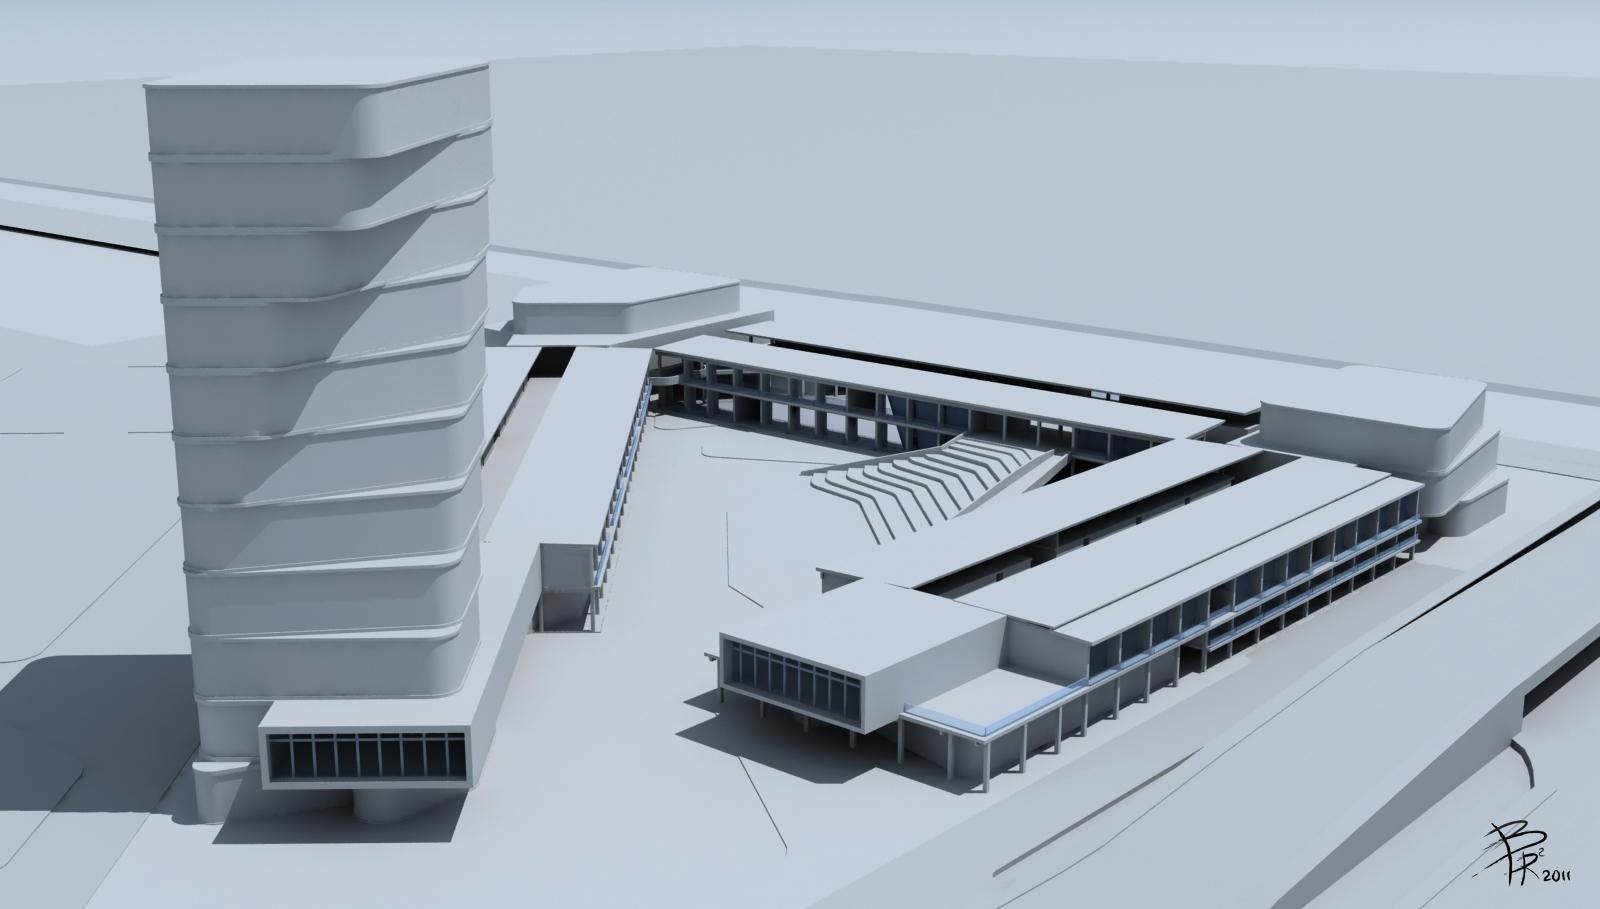 Bernab rodr guez concepto arquitect nico b1012 - Paginas de viviendas ...